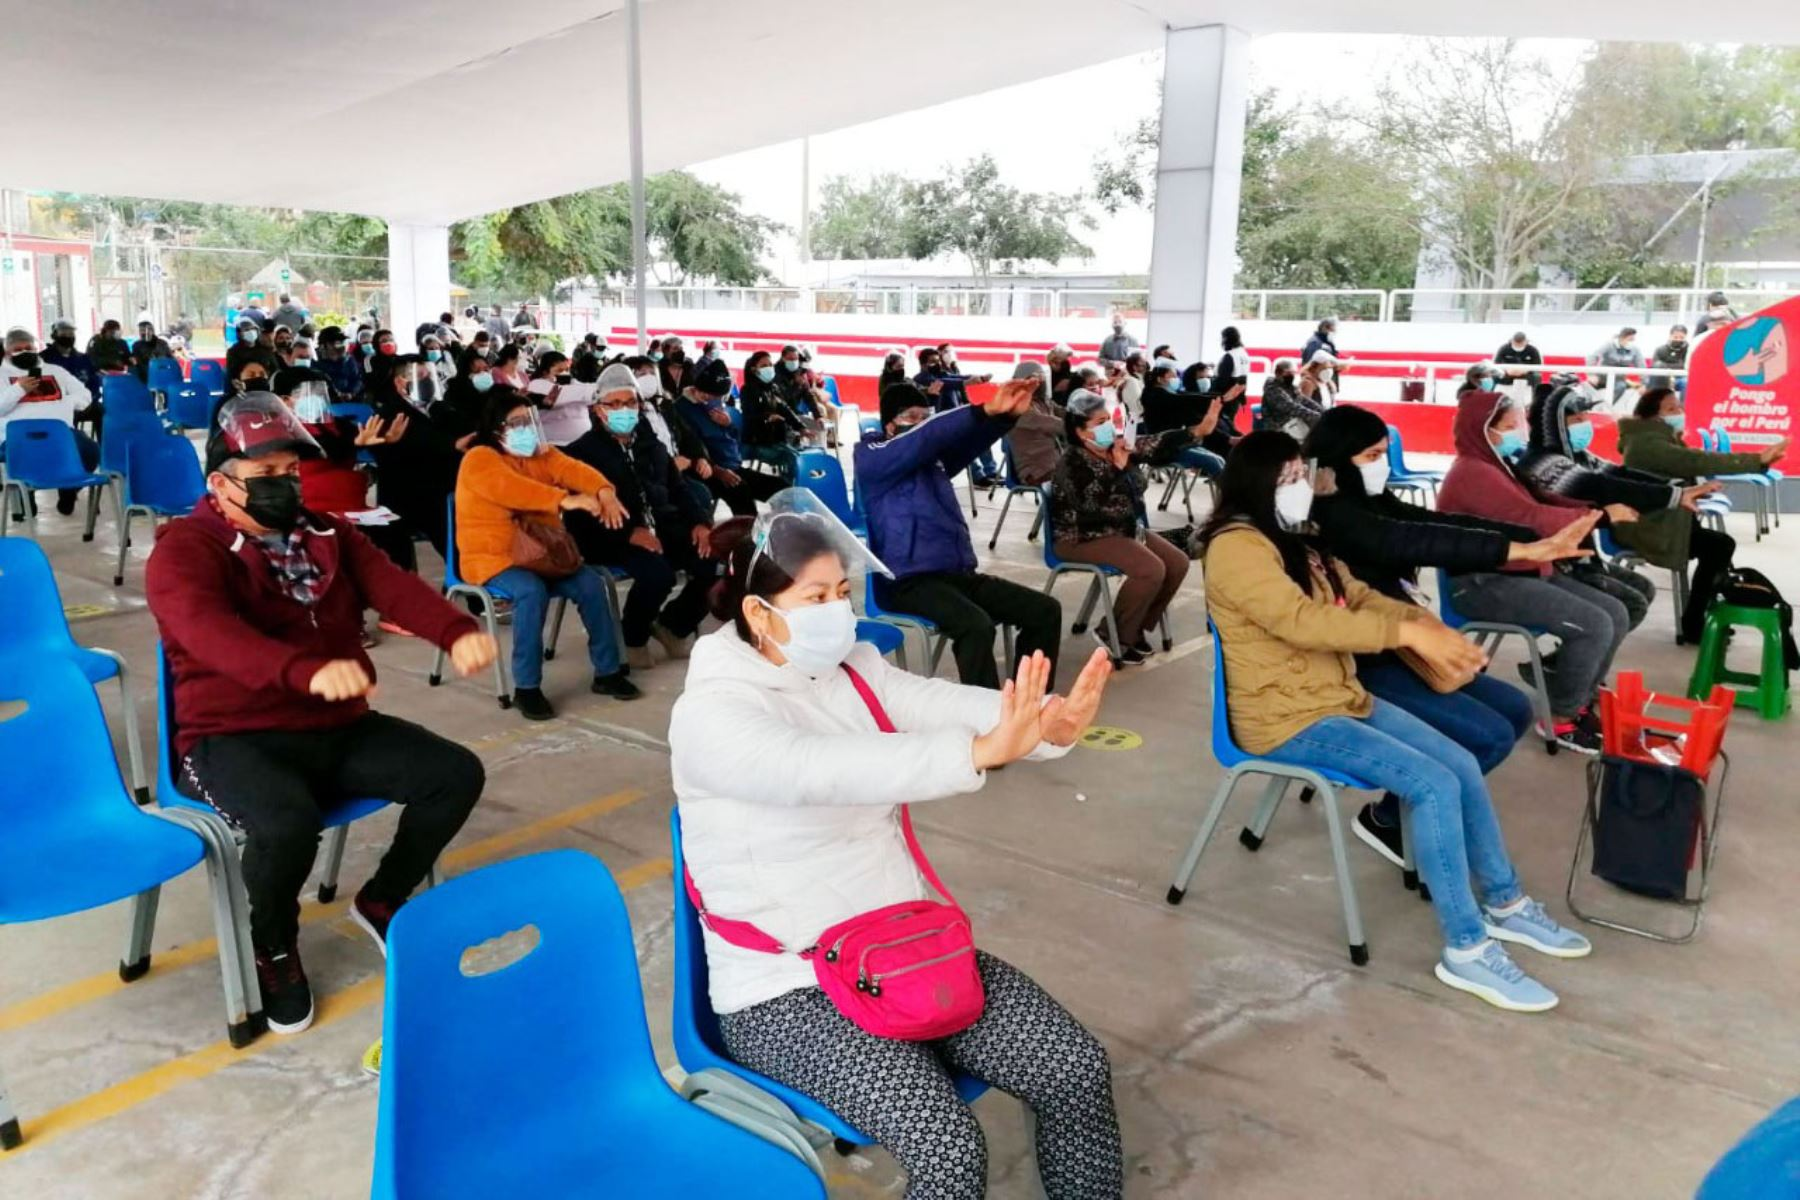 Continua campaña de vacunación en el Parque Zonal Mayta Cápac, en San Martín de Porres. En esta oportunidad personal de salud inicio  la vacunación, con una clase demostrativa de taichí. Foto: Minsa